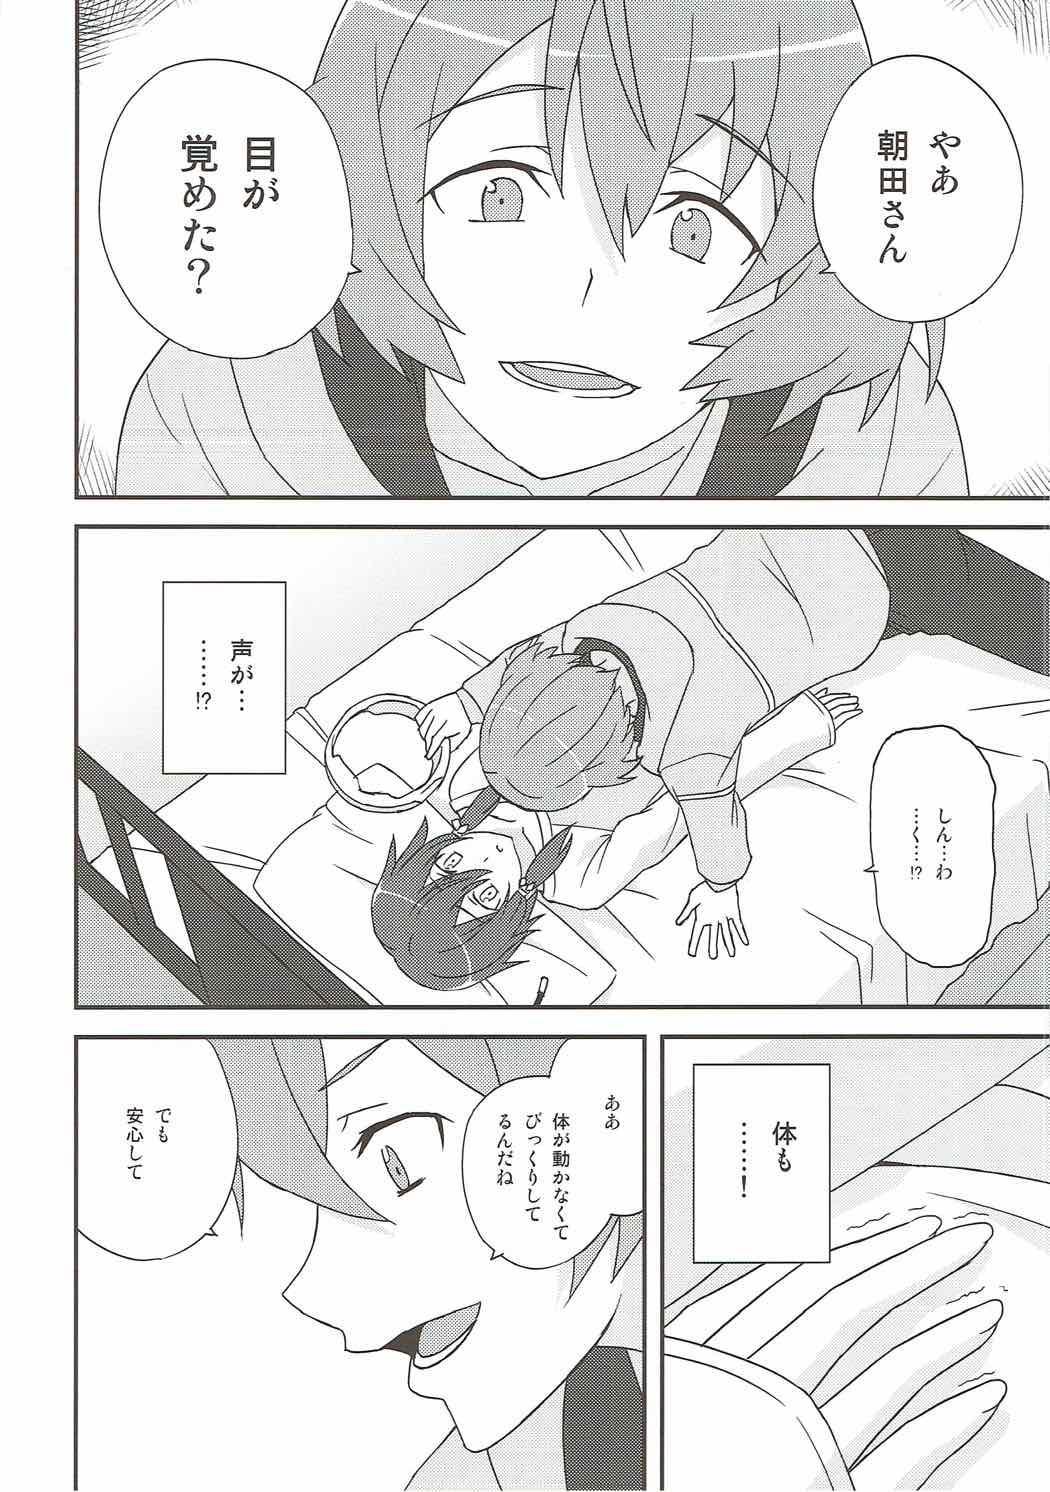 Yowasa no Shoumei 4